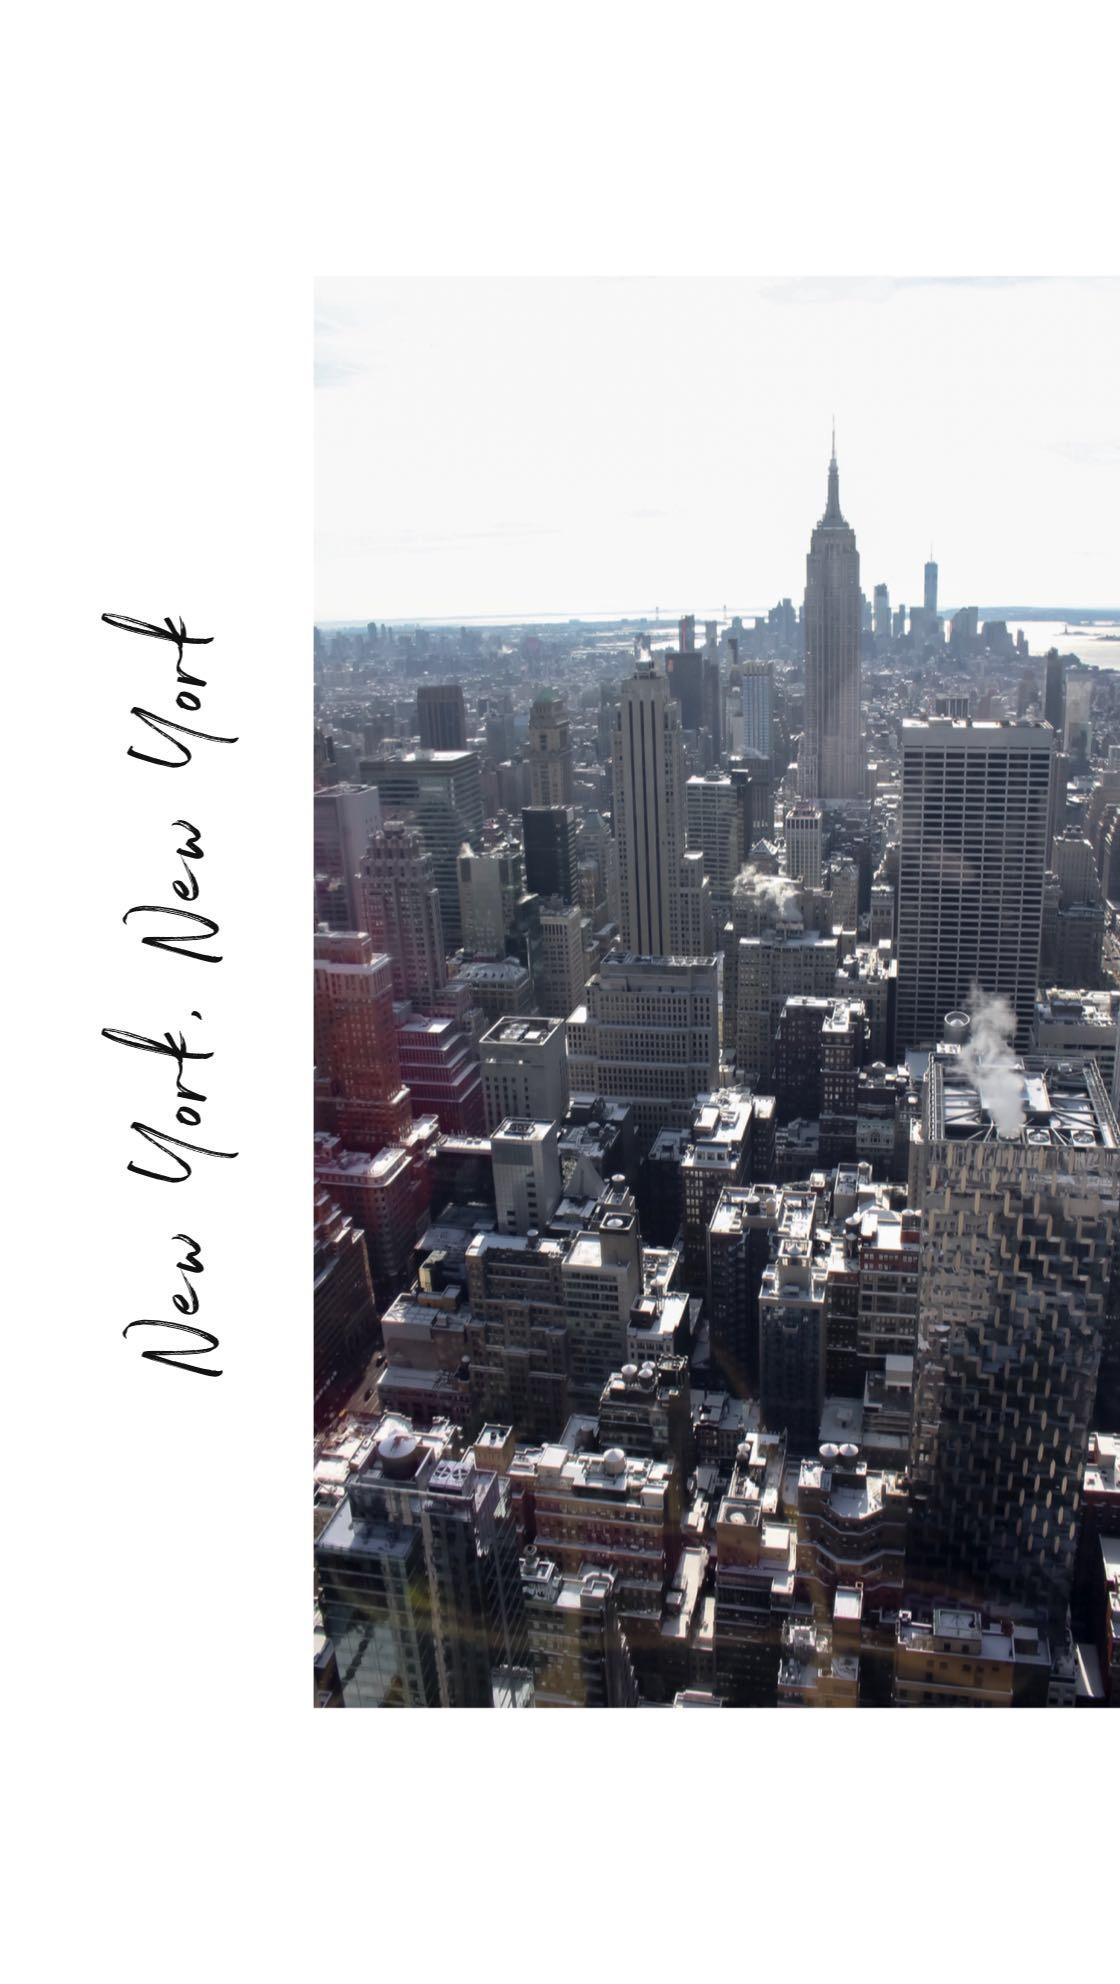 Miss-Suzie-Loves-Susanne-Heidebach-New-York-City-Städtetrip-10-Gründe-NYC-zu-lieben-1